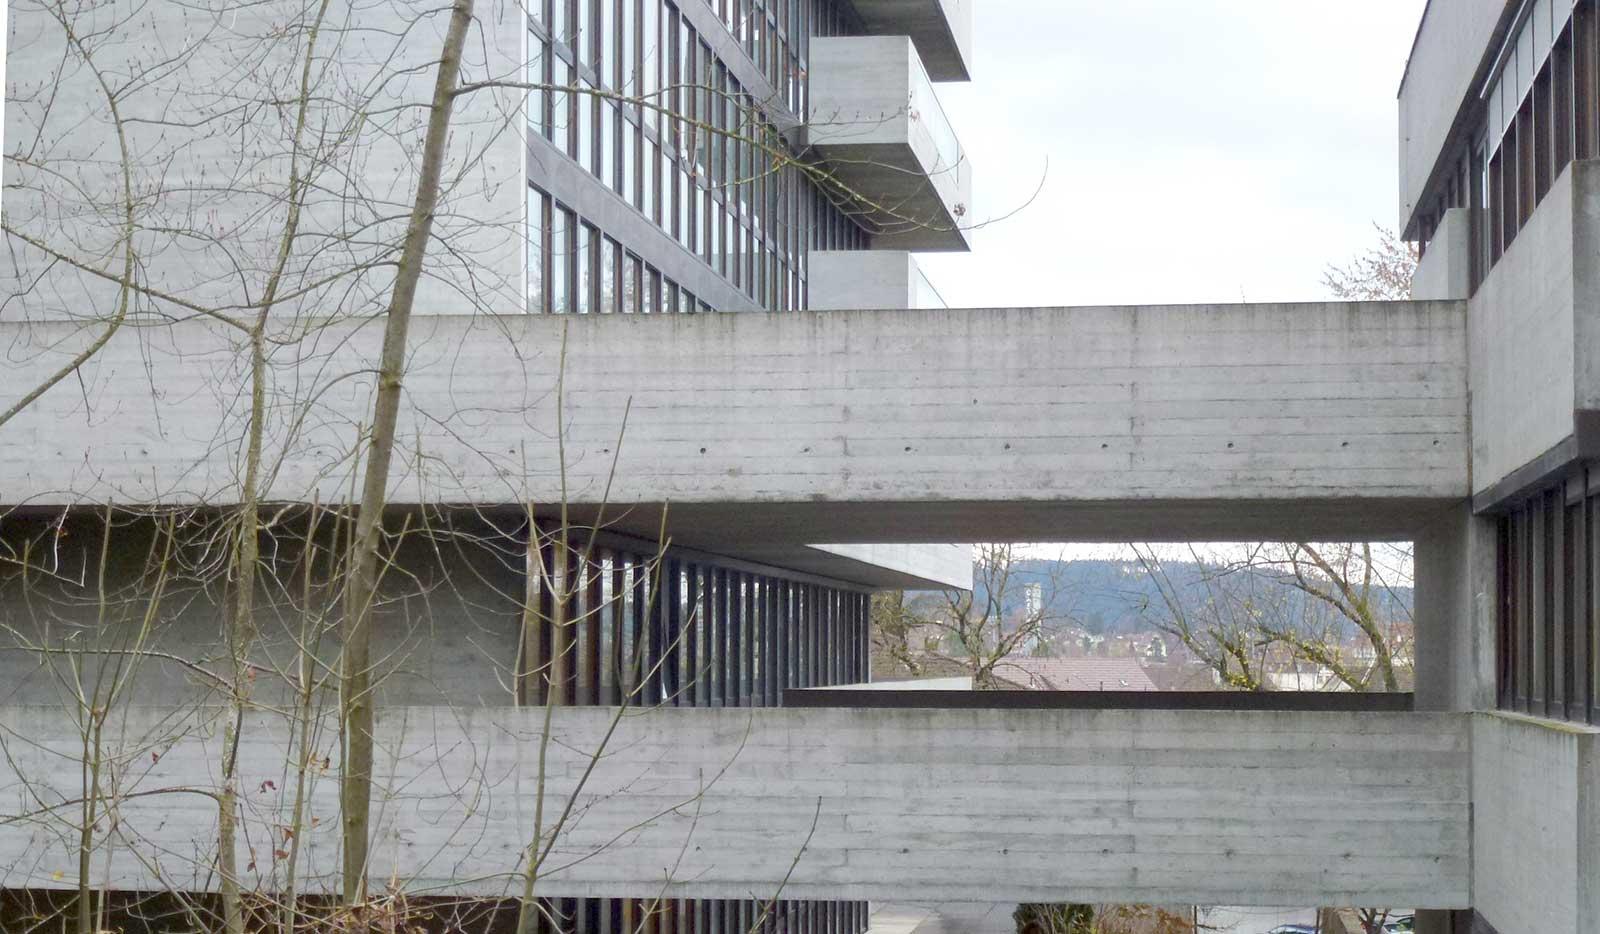 Sichtbetonfassade Bestand Sanierung und Erweiterung Alters- und Pflegeheim Redernweg Biel/Bienne